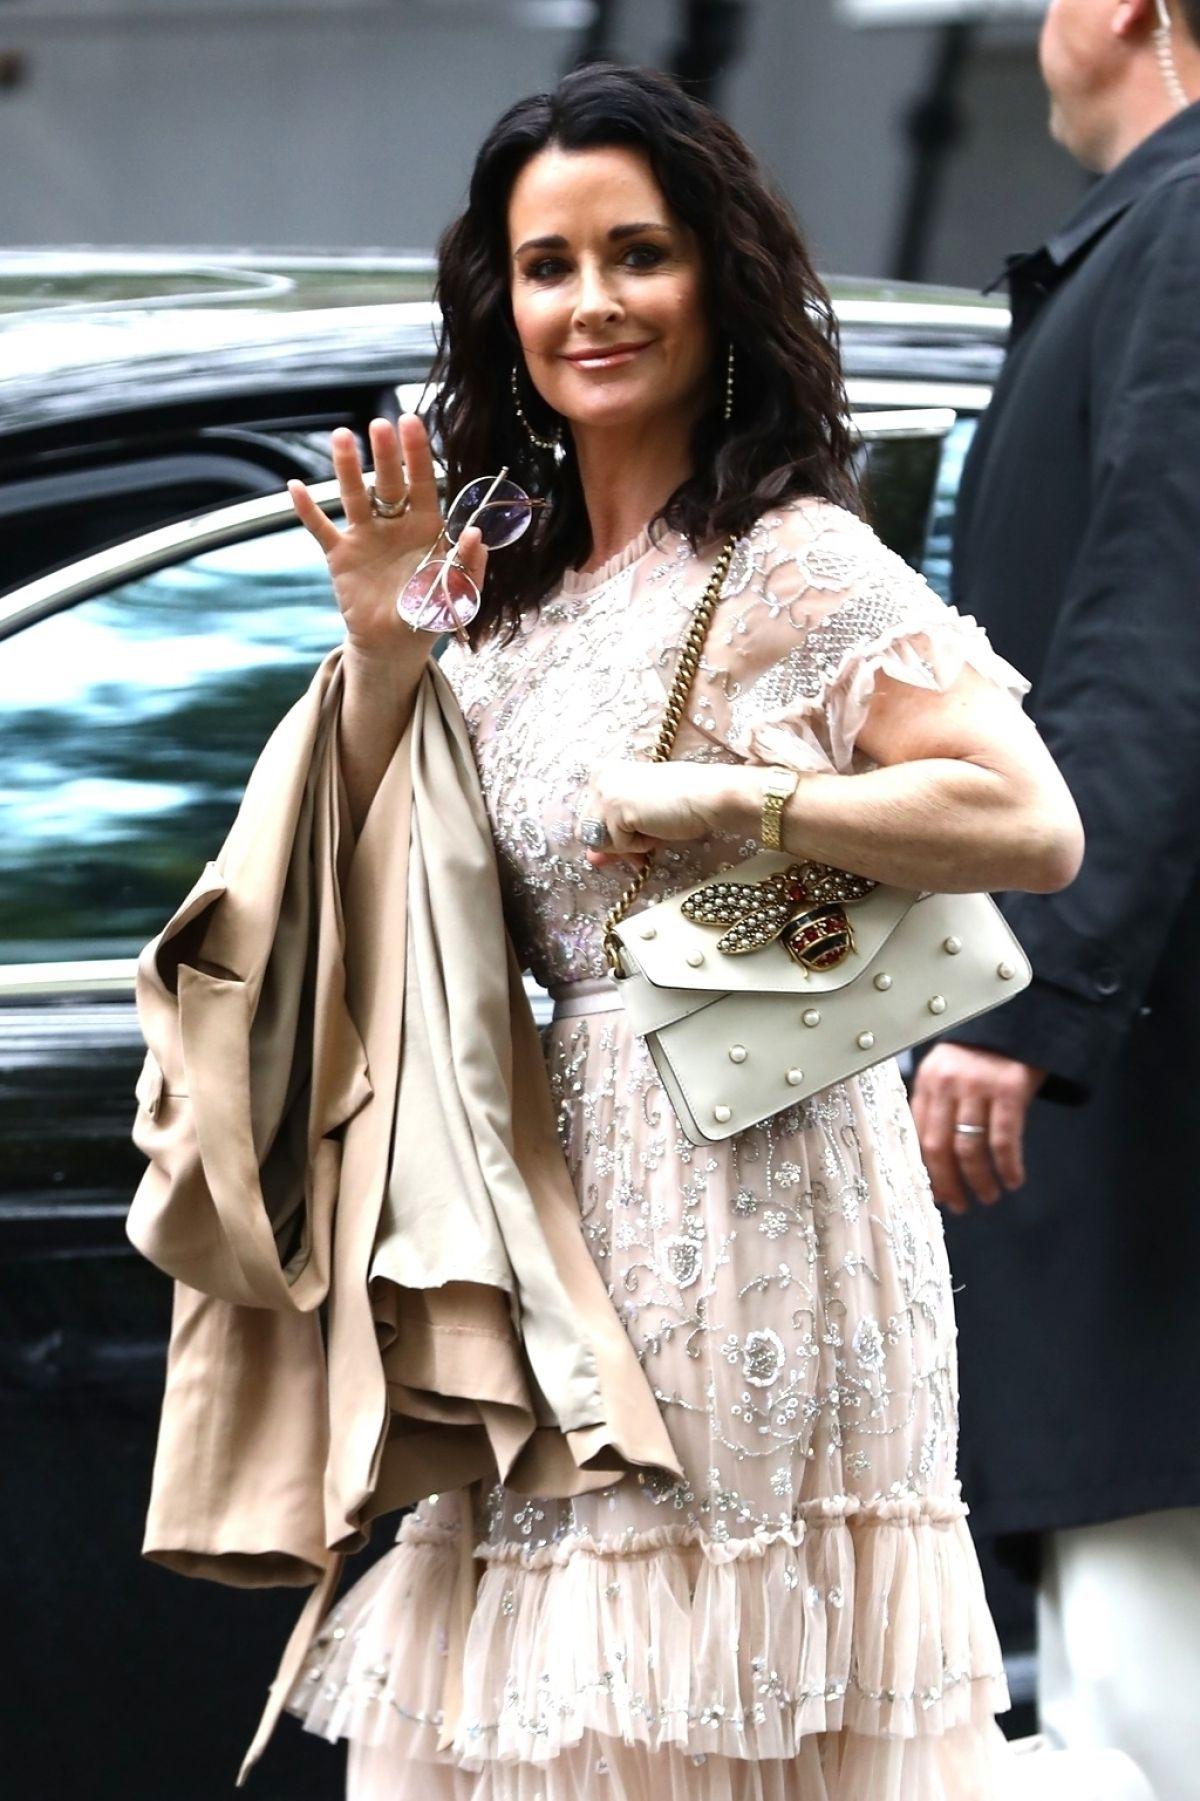 KYLE RICHARDS Arrives at Khloe Kardashian s Baby Shower in Los